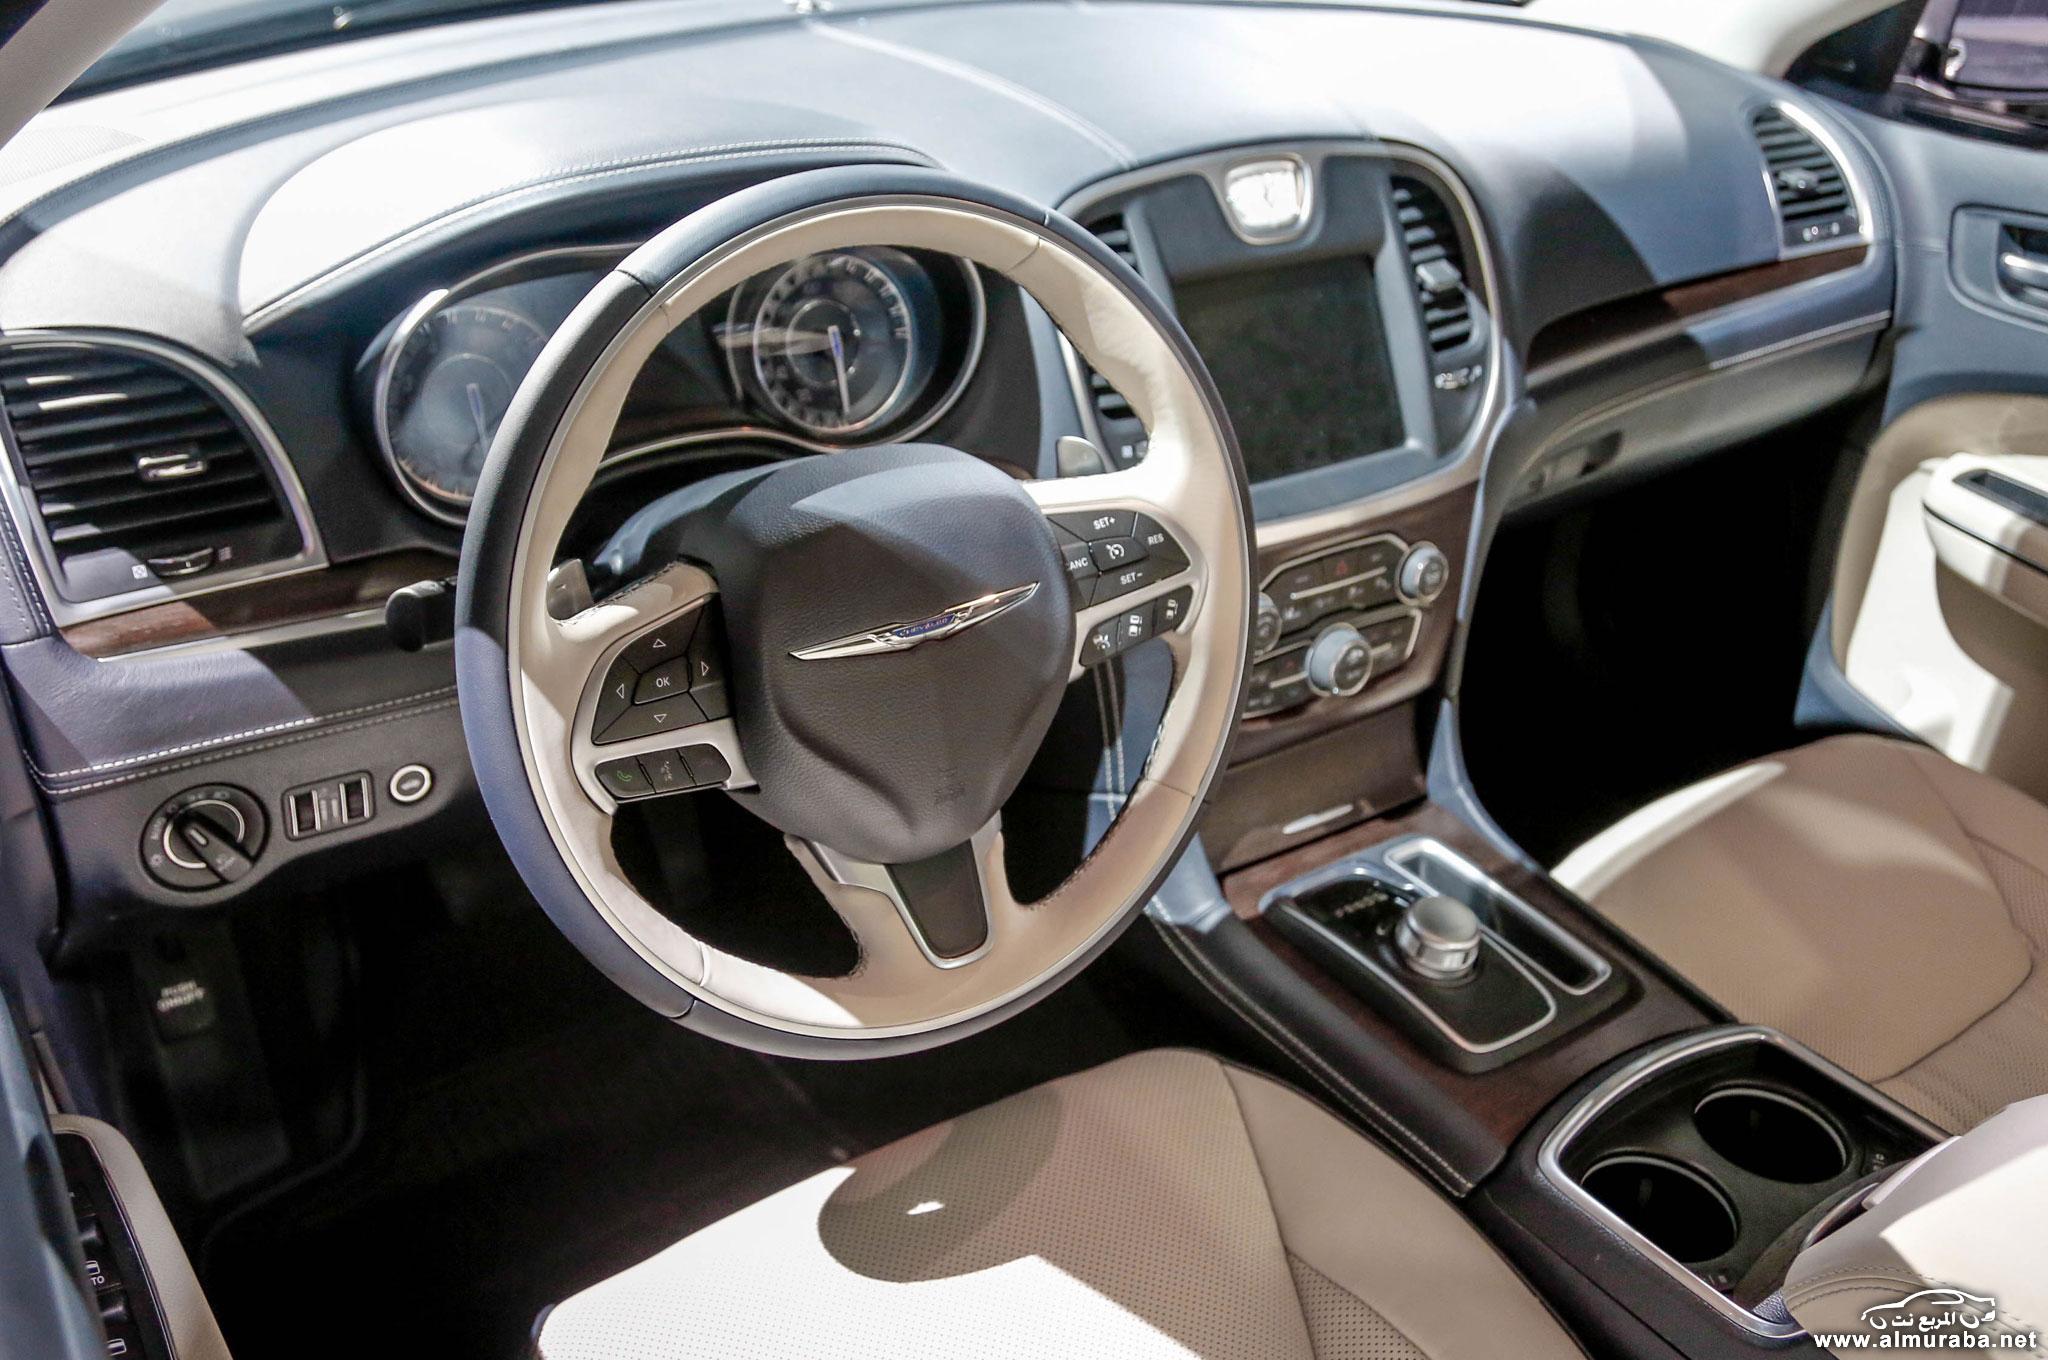 2015-chrysler-300-interior